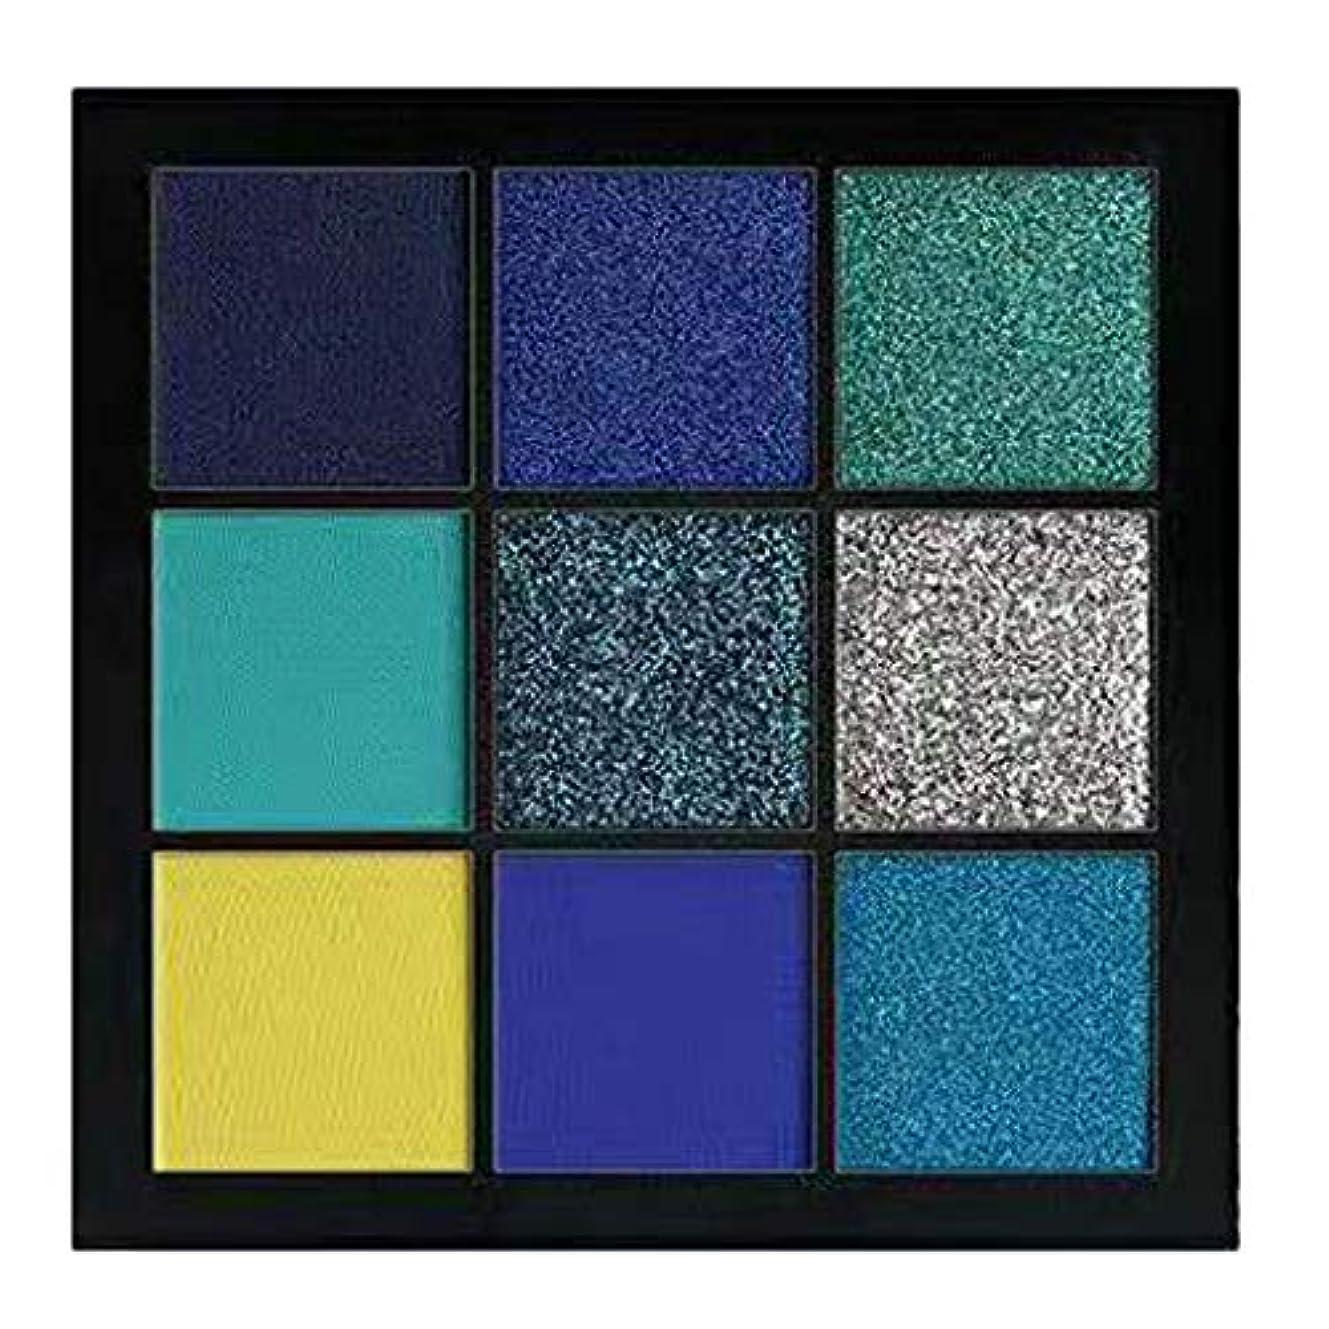 寸前破壊的なリップLazayyii 化粧品 マット アイシャドウ クリーム メイクアップパレットシマーセット アイシャドウ 9色 (D)